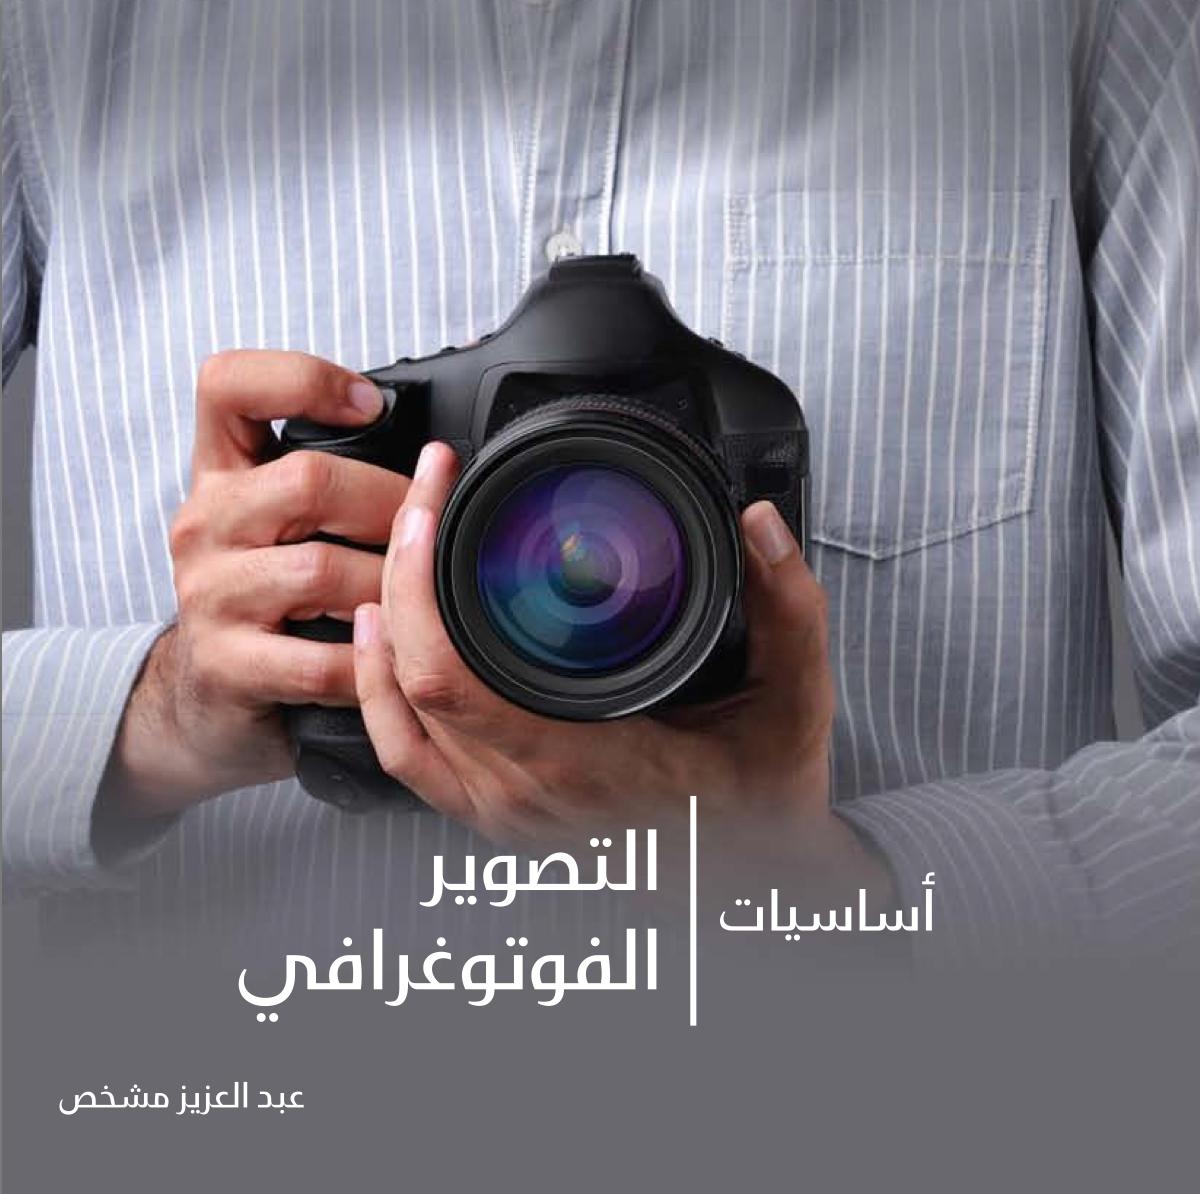 تحميل كتاب التصوير الشعاعي